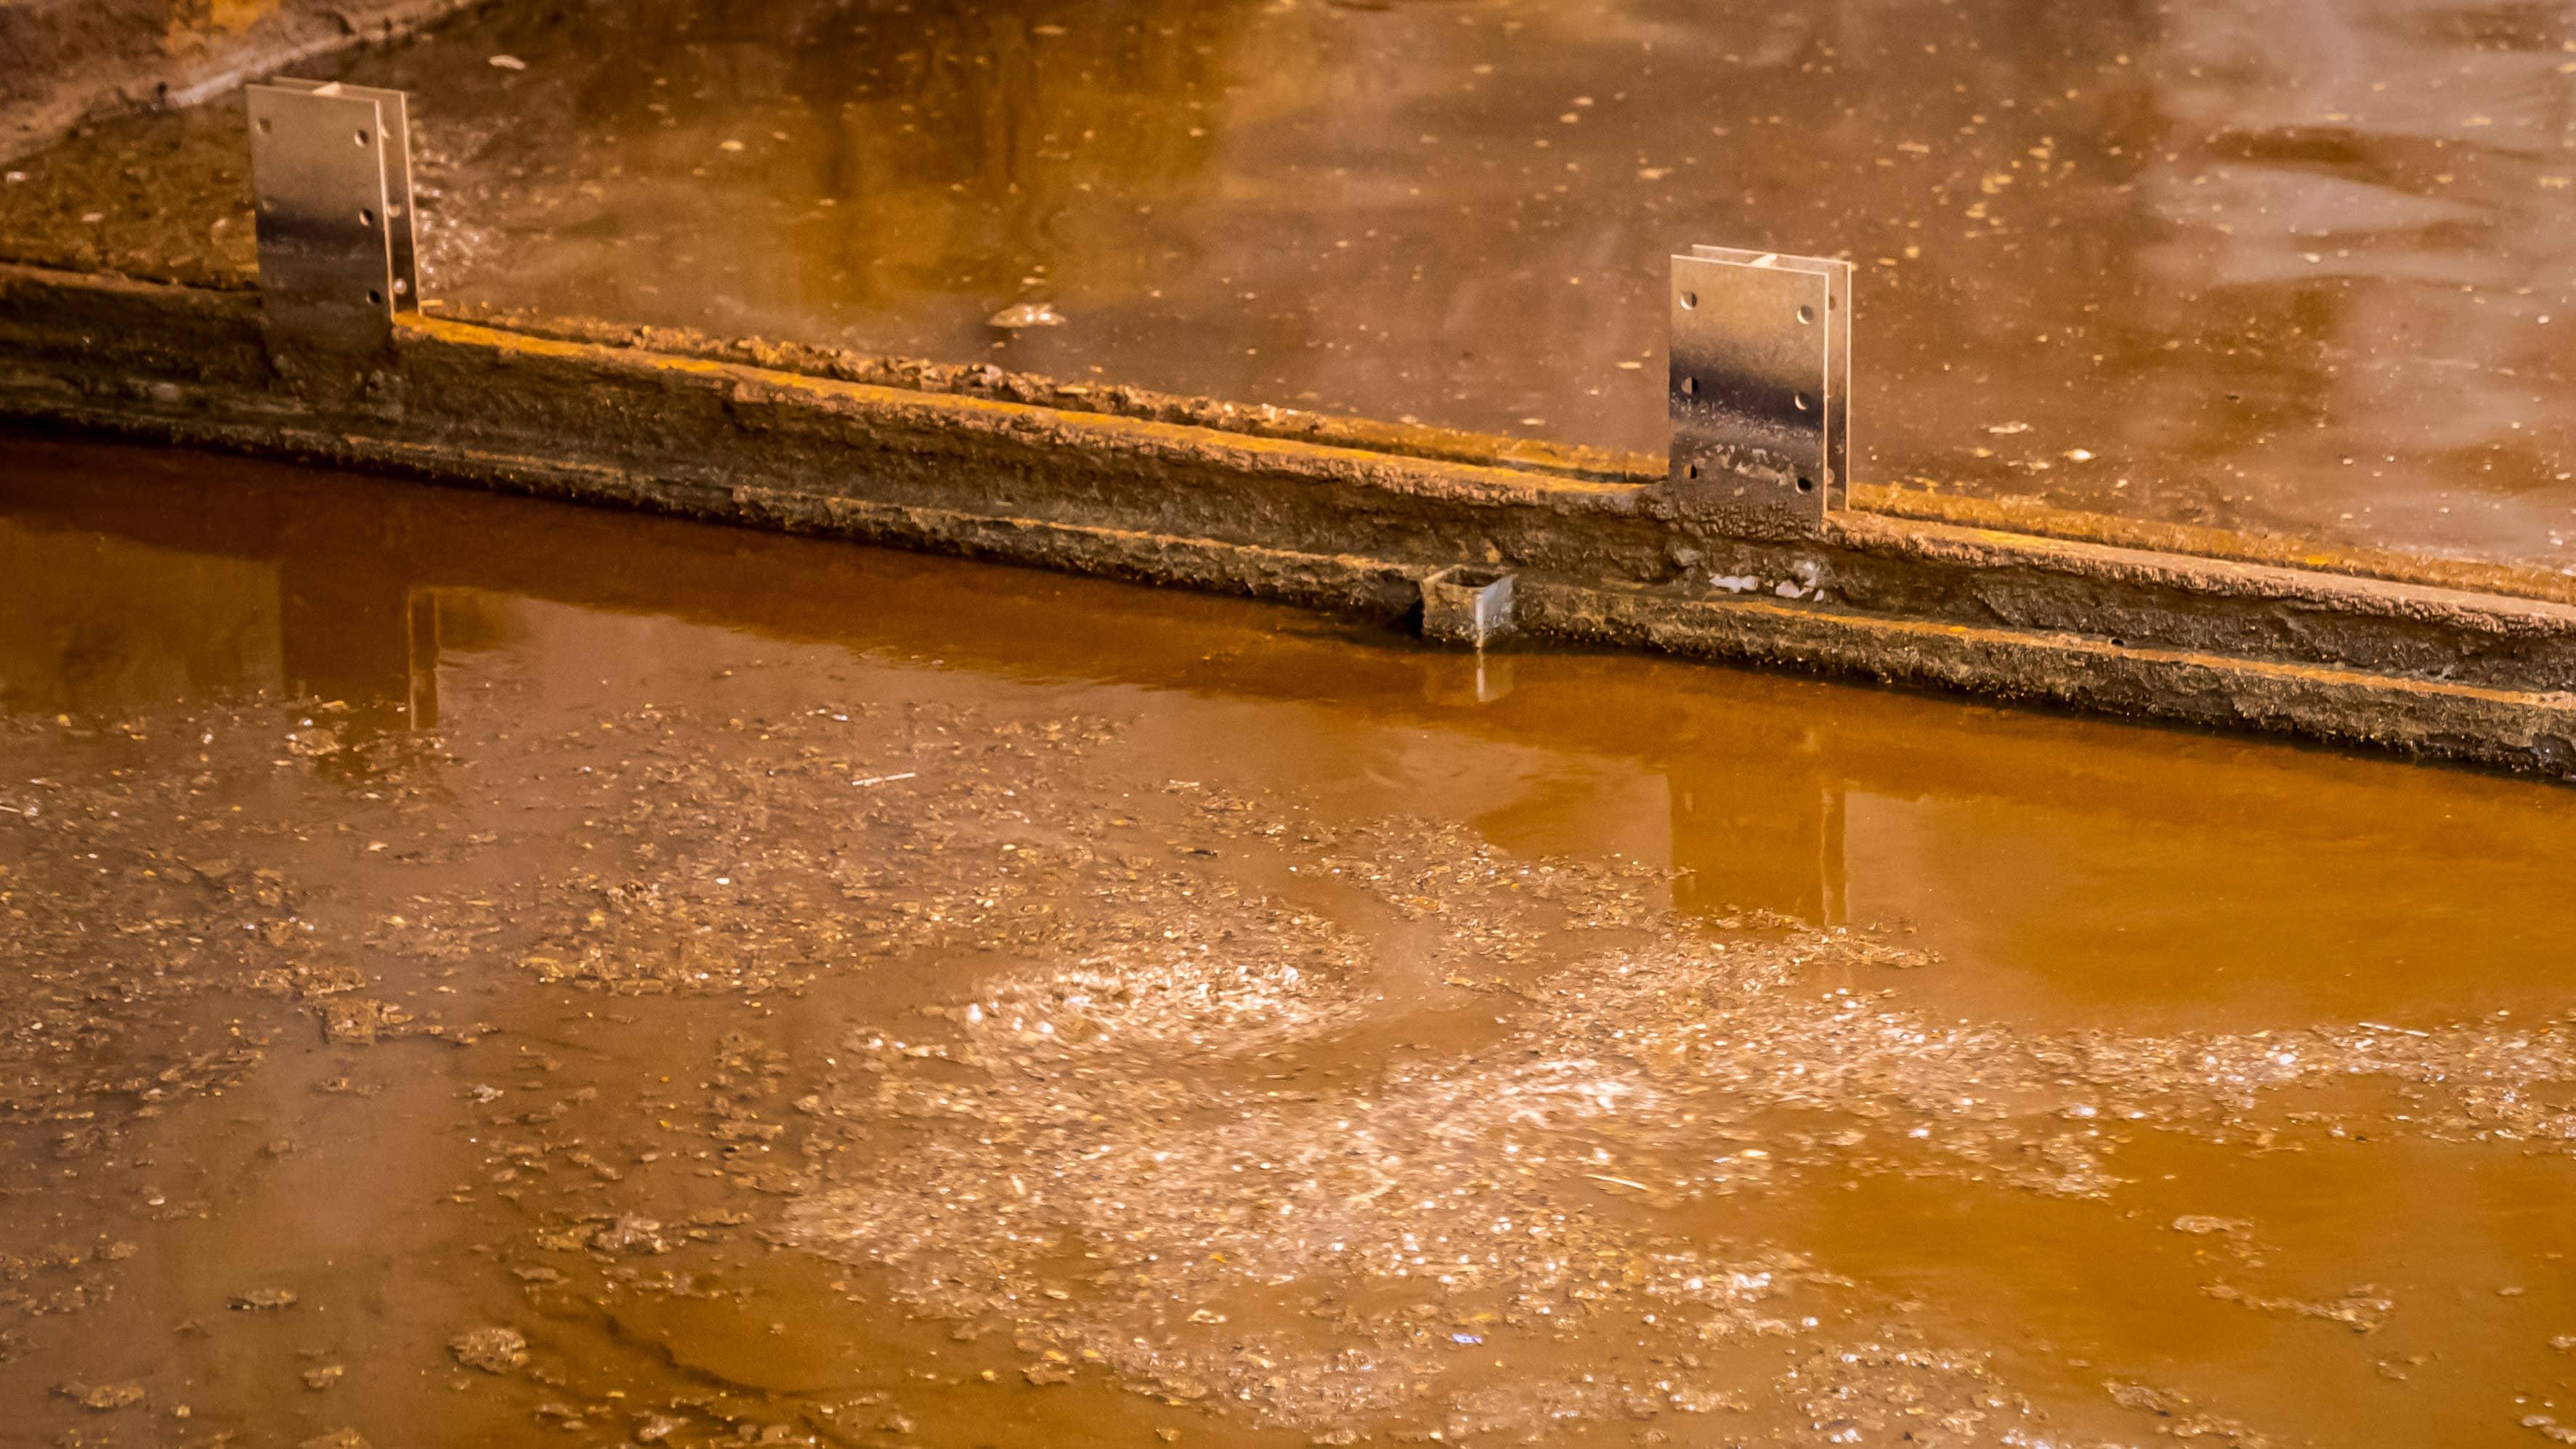 Viikin jätevesipuhdistamon altaassa jätevesipyörre.